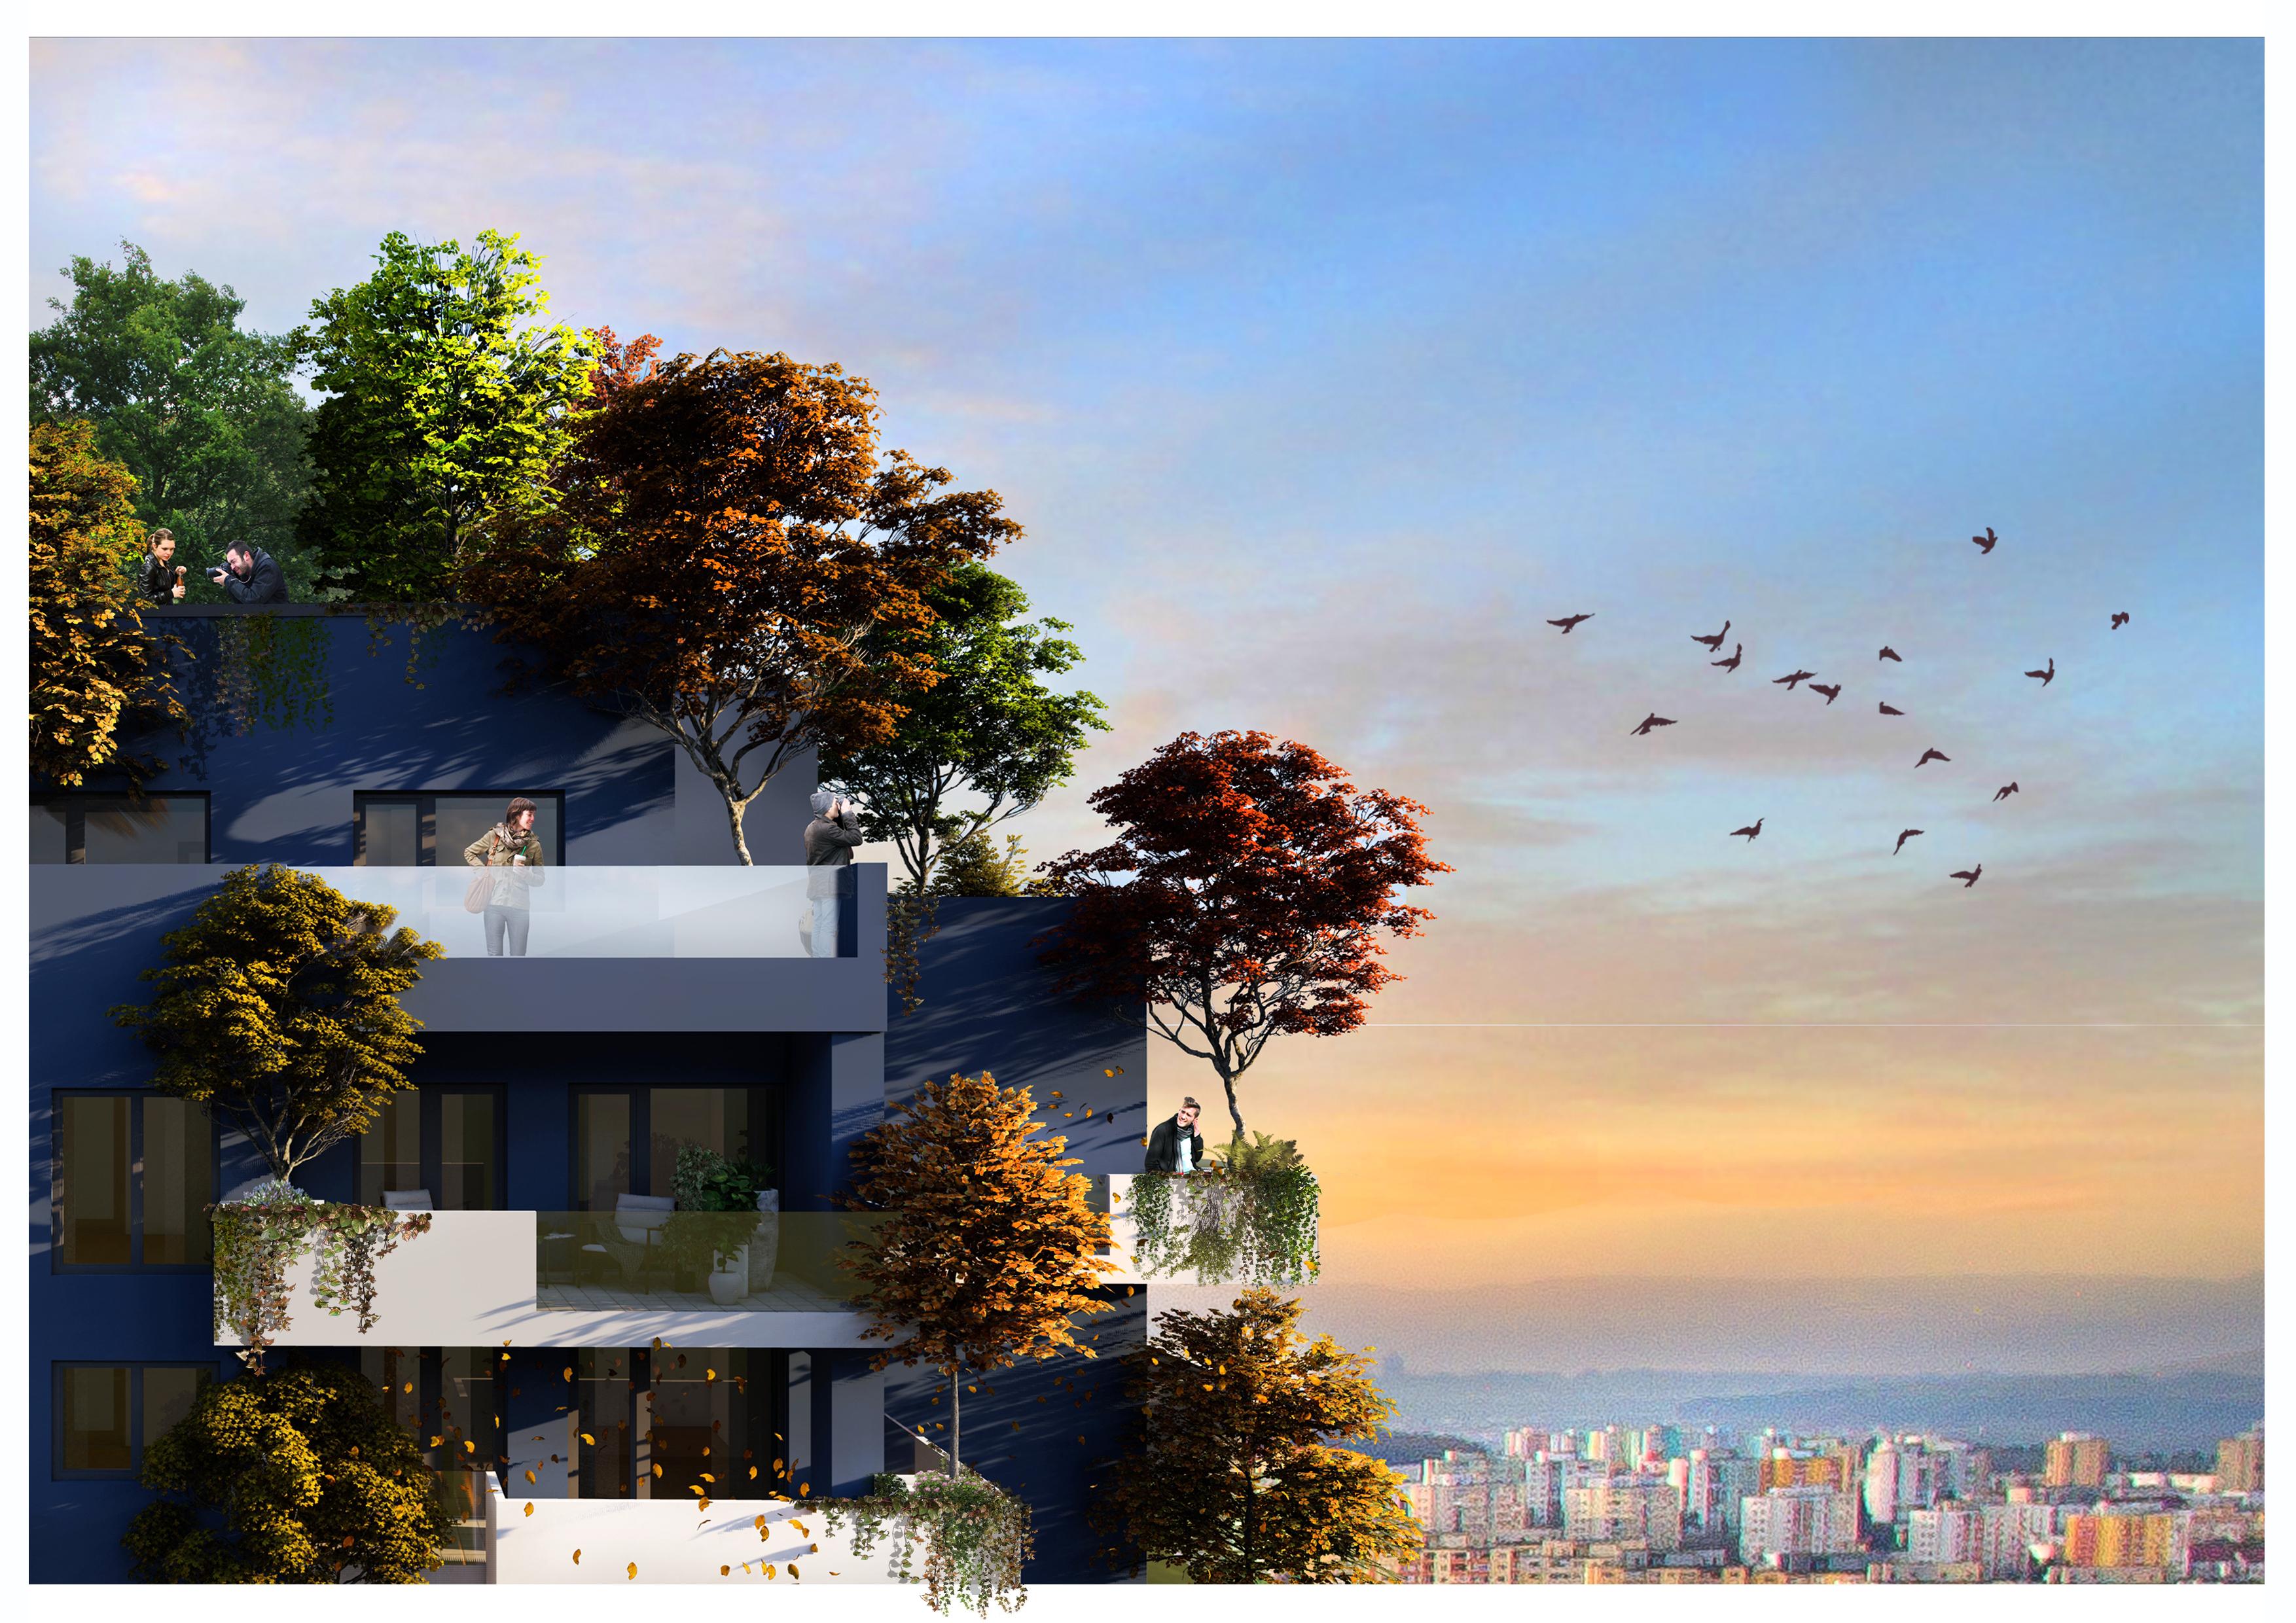 Apartament la bloc sau casă la pădure? Pentru amândouă la un loc, întrebați la Studium Green!